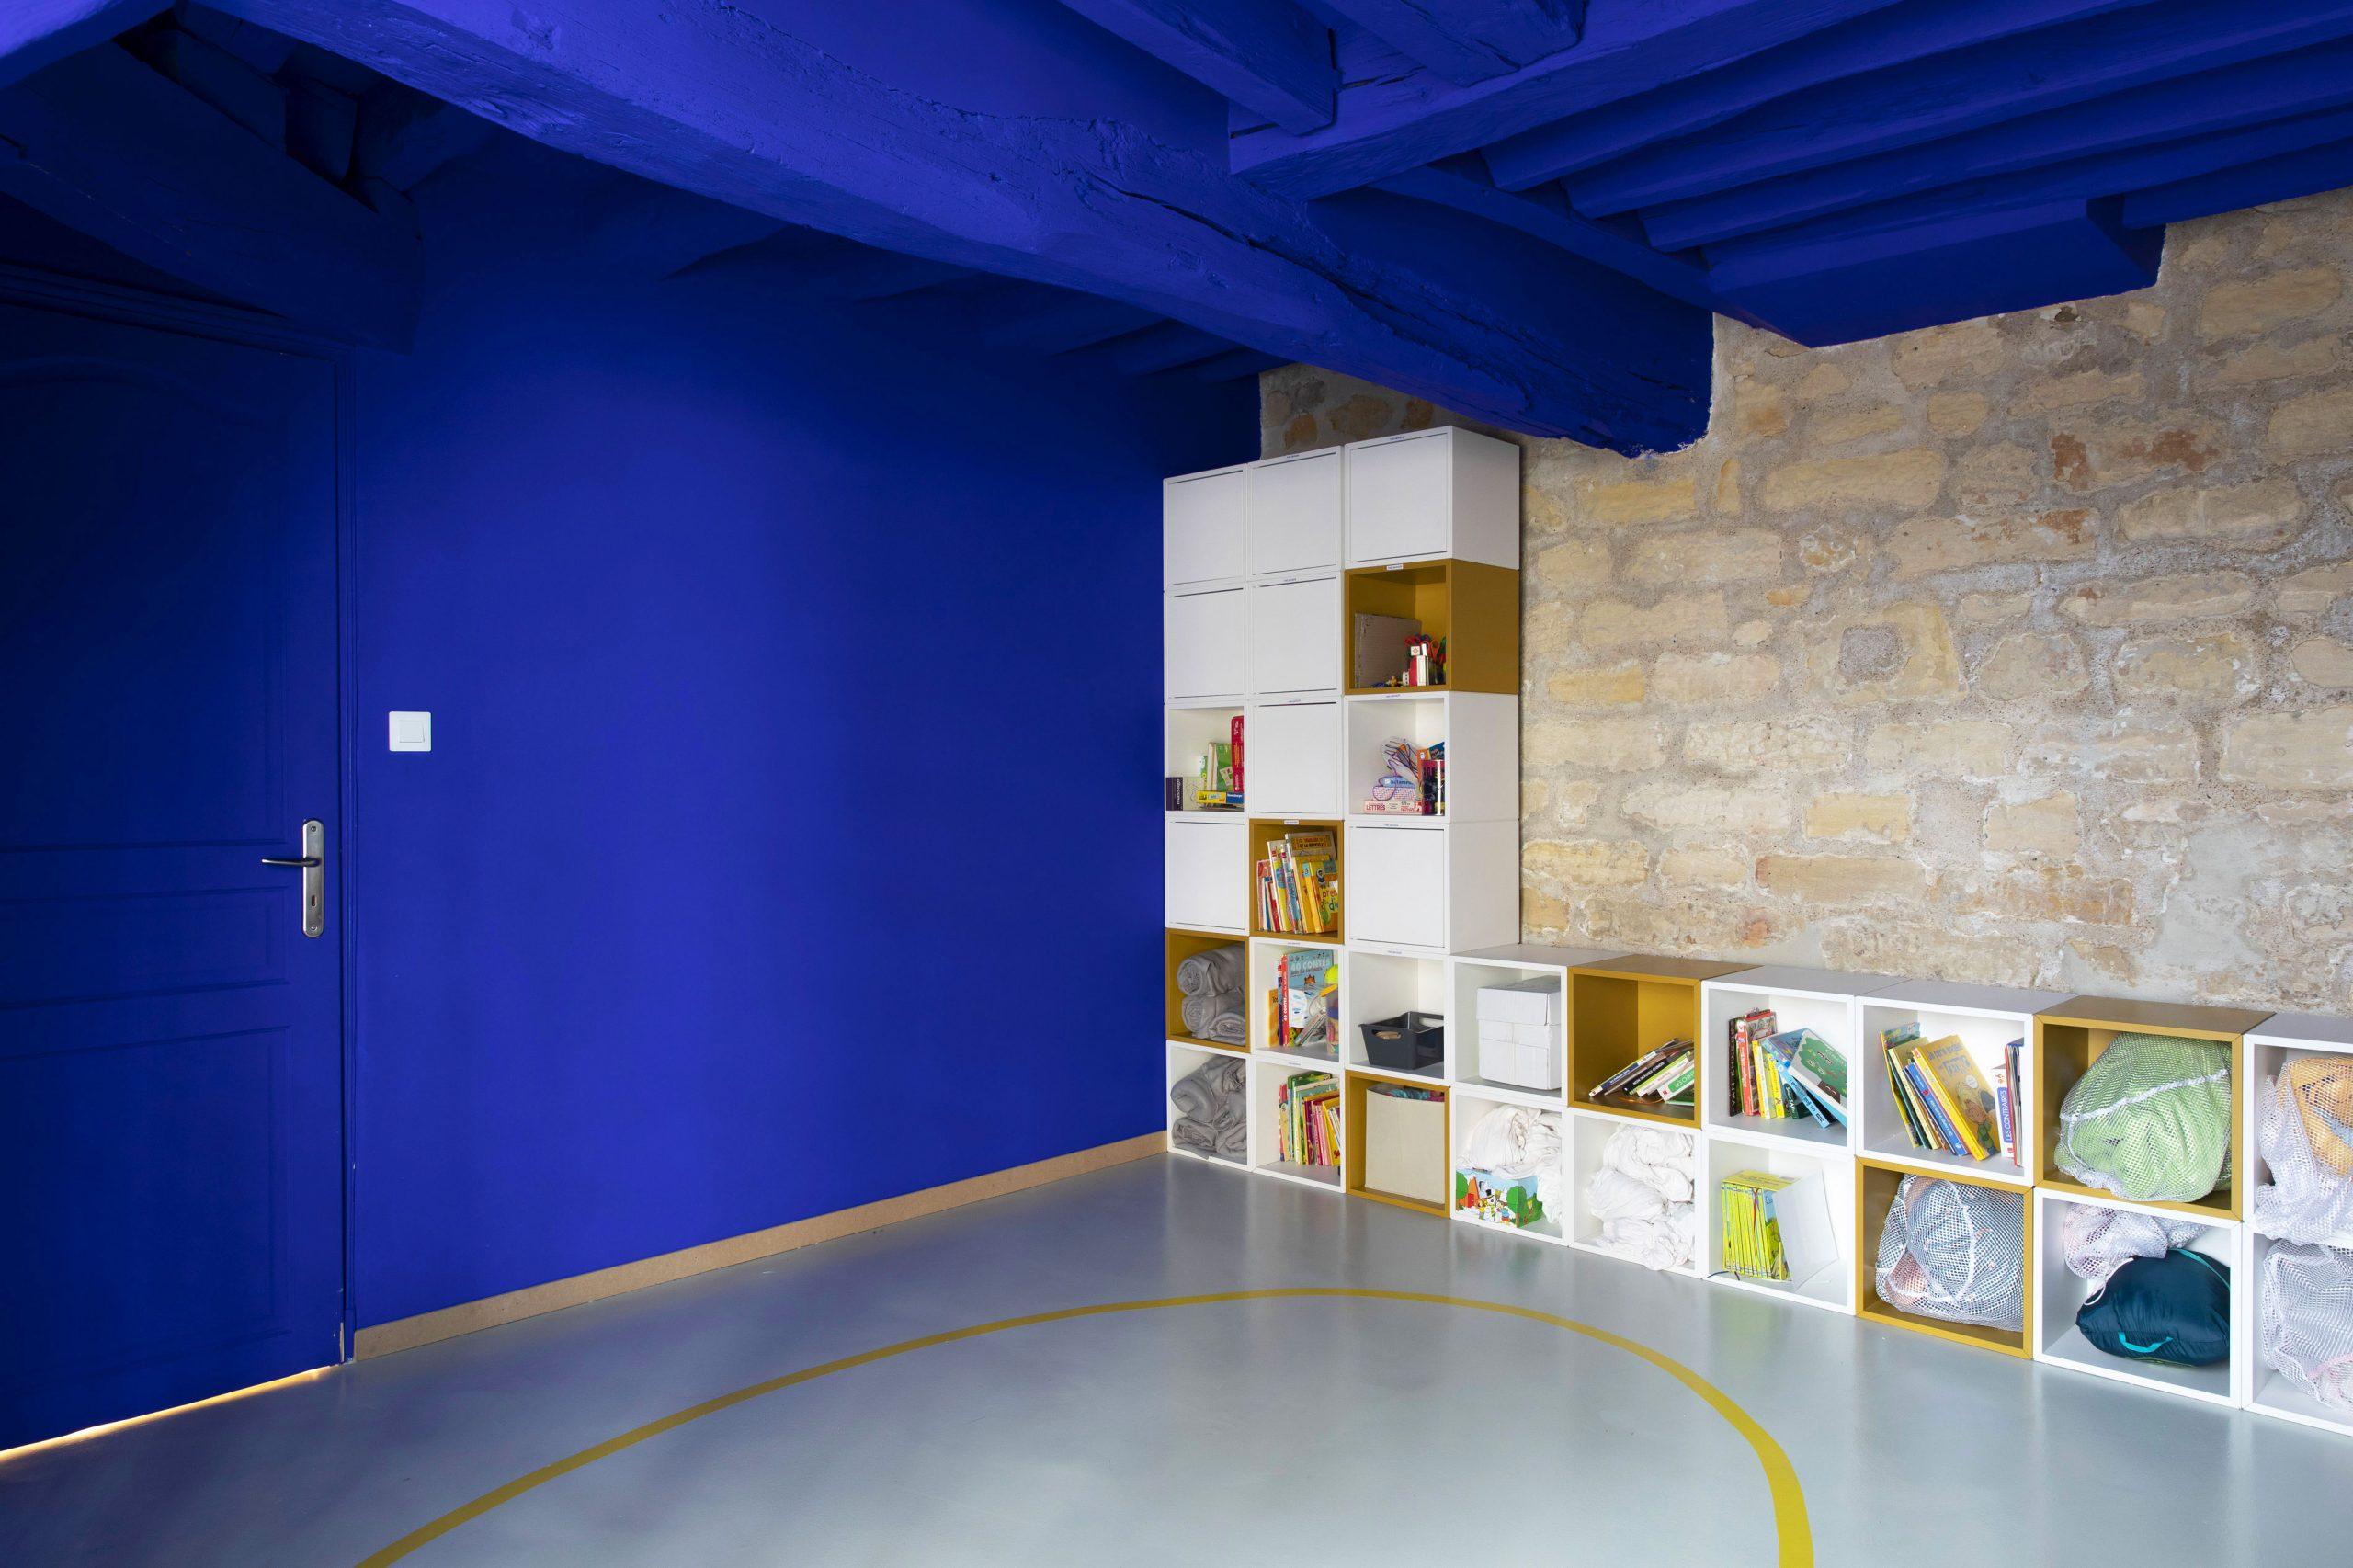 Vue de l'espace dortoir du projet de l'Ecole Montessori Square Paris 18 avec la conservation de son mur en pierres apparentes dynamisé par une mise en peinture des murs adjacents et du plafond avec le fameux bleu Klein de Ressource Peinture.